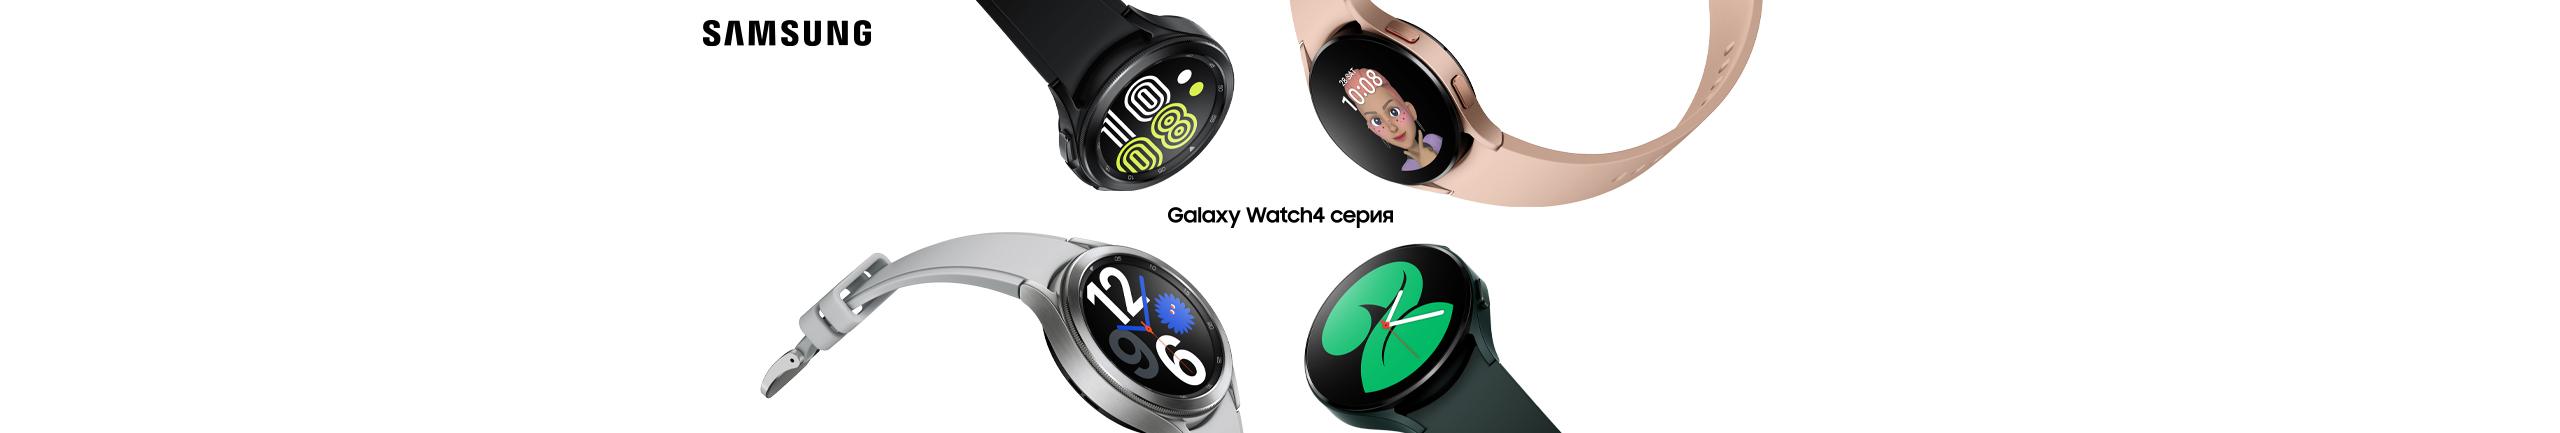 Купите Samsung Galaxy Watch 4 и получите в подарок внешний аккумулятор с беспроводной зарядкой!